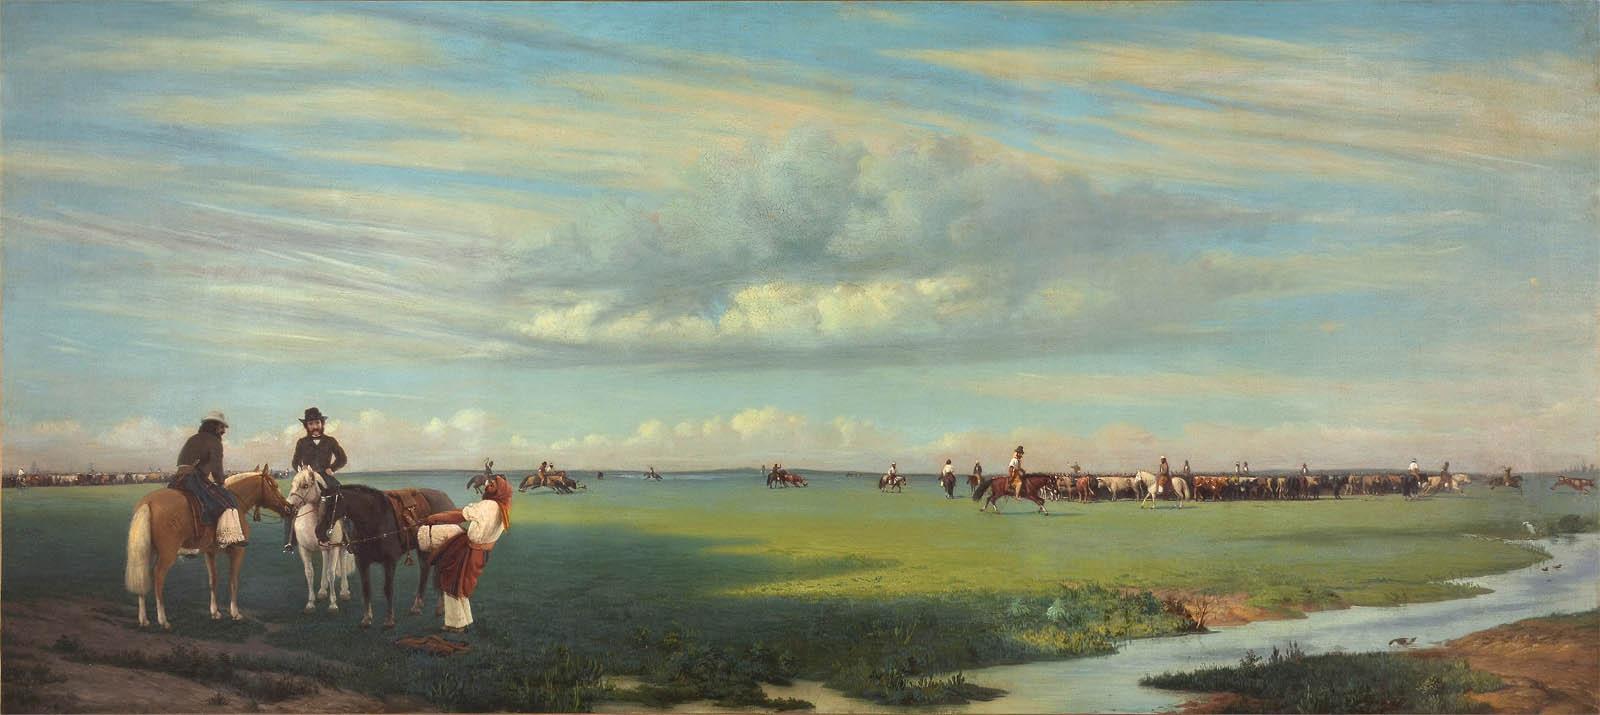 El rodeo (1861)